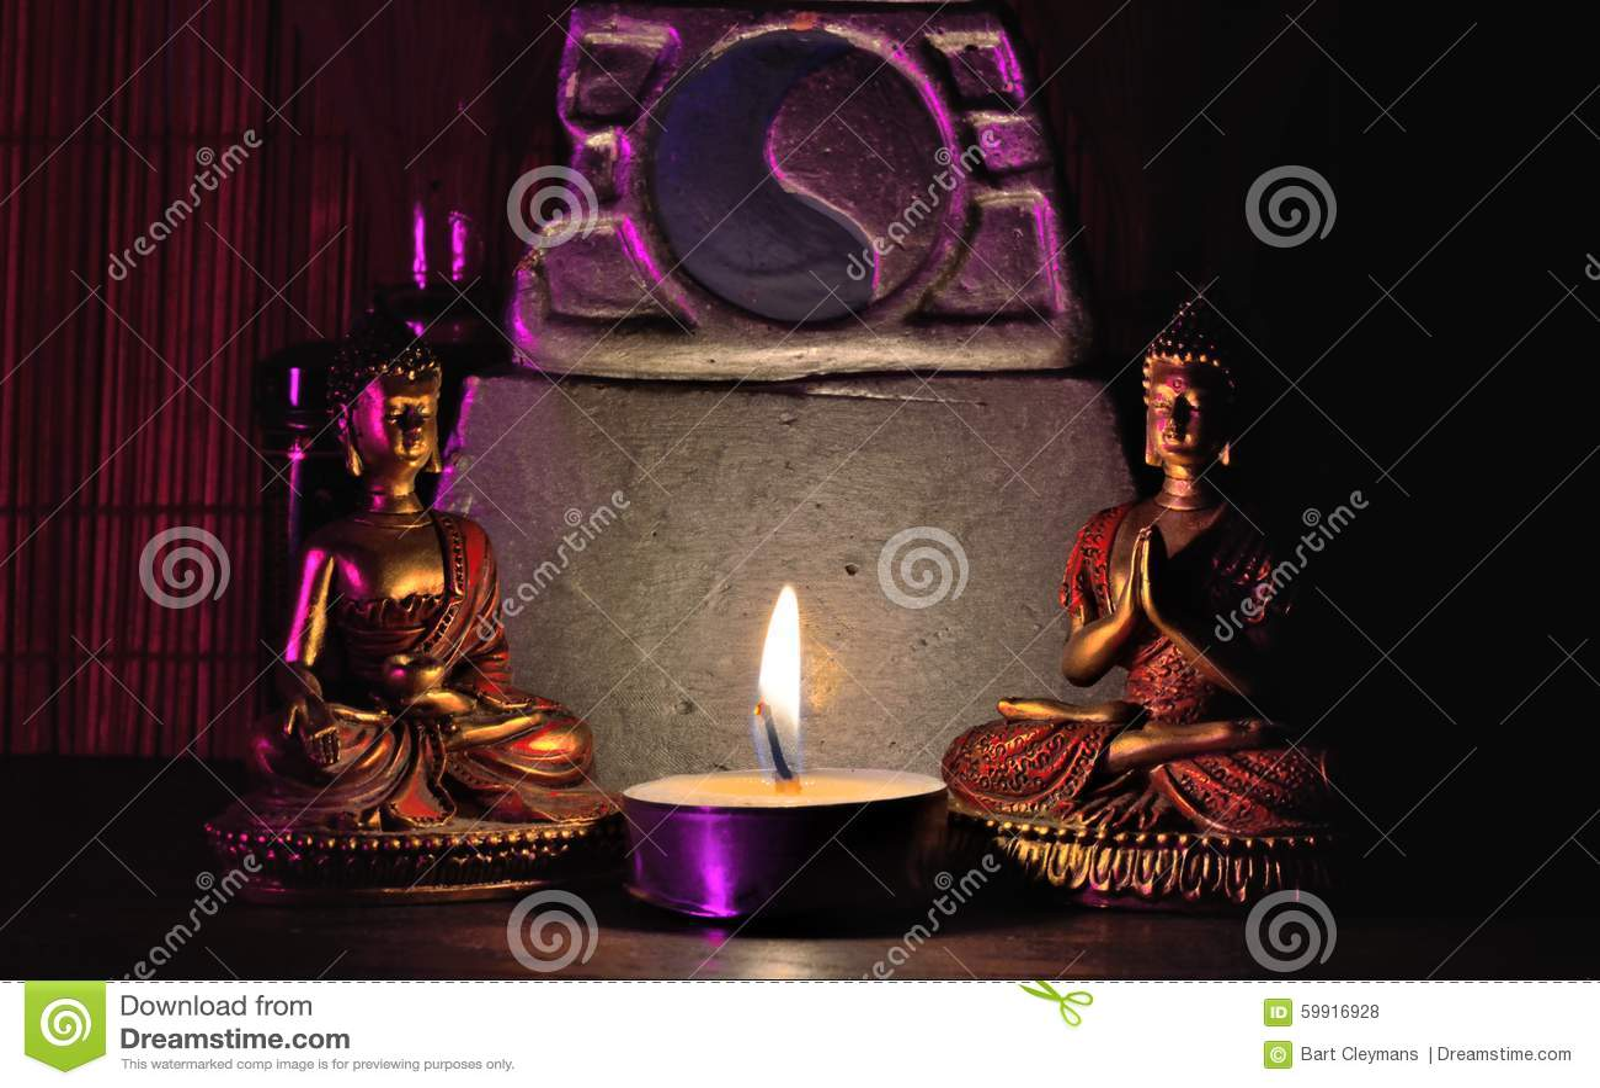 Cena: Duas estátuas diminutas da Buda, altar diminuto e vela iluminada,